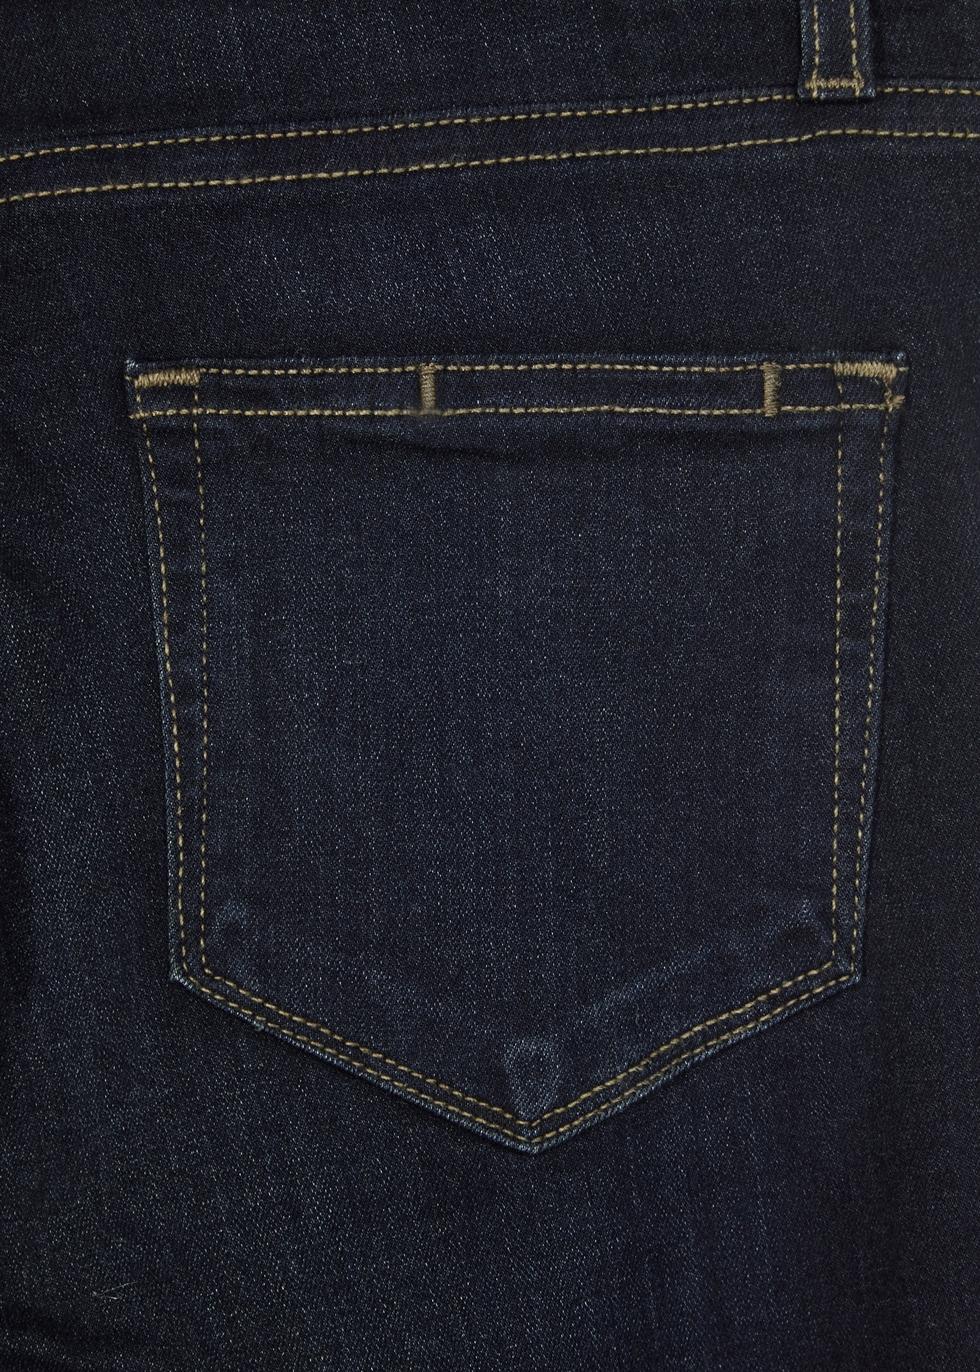 Hoxton Transcend indigo slim-leg jeans - Paige